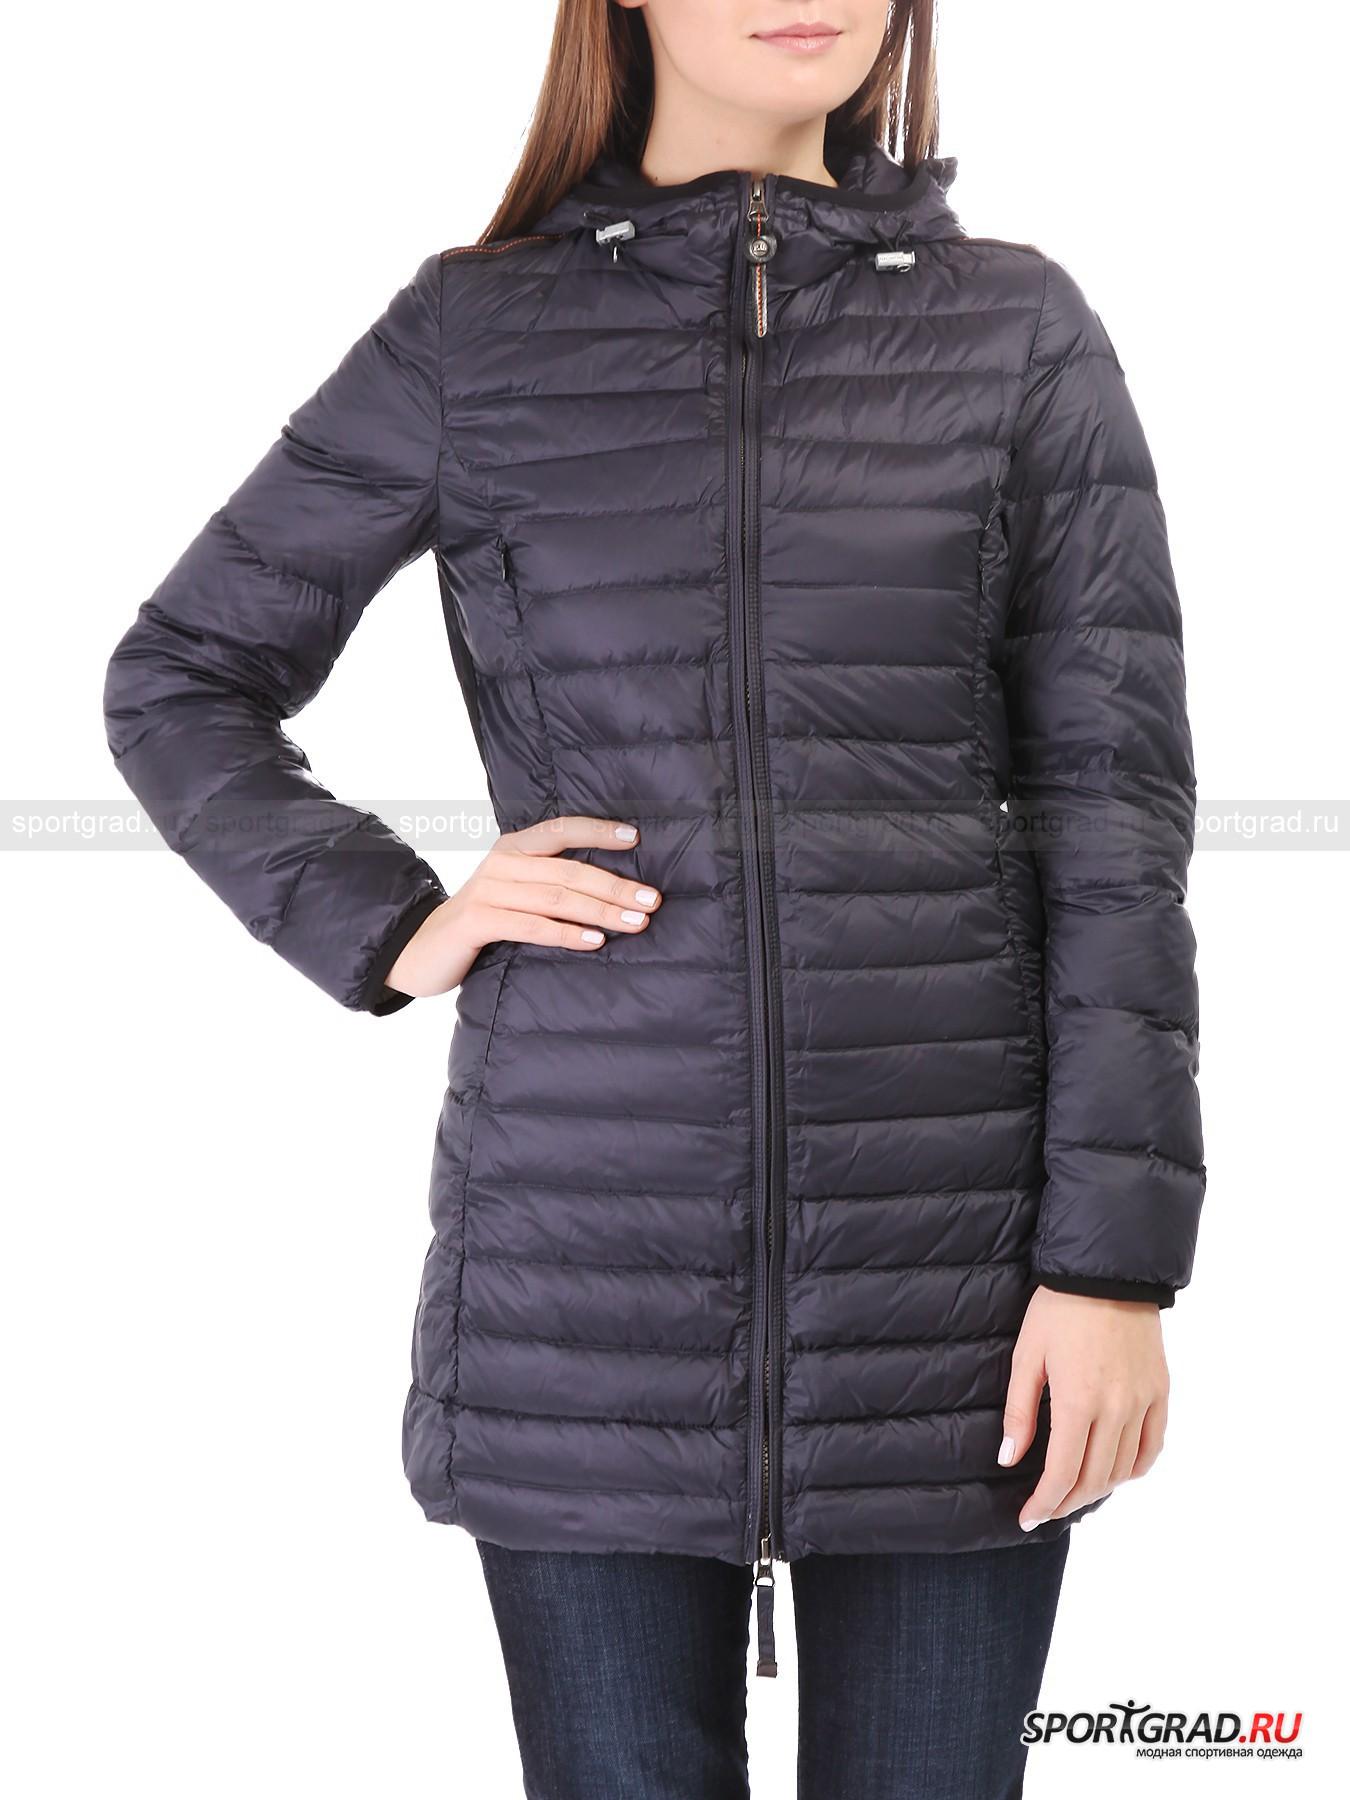 Парка пуховая женская Irene PARAJUMPERSПуховики<br>Суперлегкая  и невероятно тонкая куртка-парка Irene Parajumpers рассчитана на межсезонье или теплую зиму.  Она утеплена натуральным пухом с примесью пера, но при этом способна очень компактно складываться, что позволяет с легкостью брать парку с собой в путешествия, не занимая много места в чемодане.<br><br>Куртка имеет приталенный крой и фасон slim fit – она облегает тело, не скрывая фигуру, а подчеркивая ее. <br><br>Особенности модели:<br>- фронтальная молния с двумя бегунками;<br>- капюшон с кулисками-утяжками;<br>- четыре кармана на молнии, скрытые в швах спереди;<br>- петля для подвешивания;<br>- «погоны» на плечах;<br>- фирменная нашивка.<br><br>Пол: Женский<br>Возраст: Взрослый<br>Тип: Пуховики<br>Рекомендации по уходу: деликатная стирка в теплой воде до 30 С; не отбеливать; не гладить; не подвергать химической чистке; не сушить в стиральной машине<br>Состав: 100% полиамид; наполнитель 90% пух, 10% перо